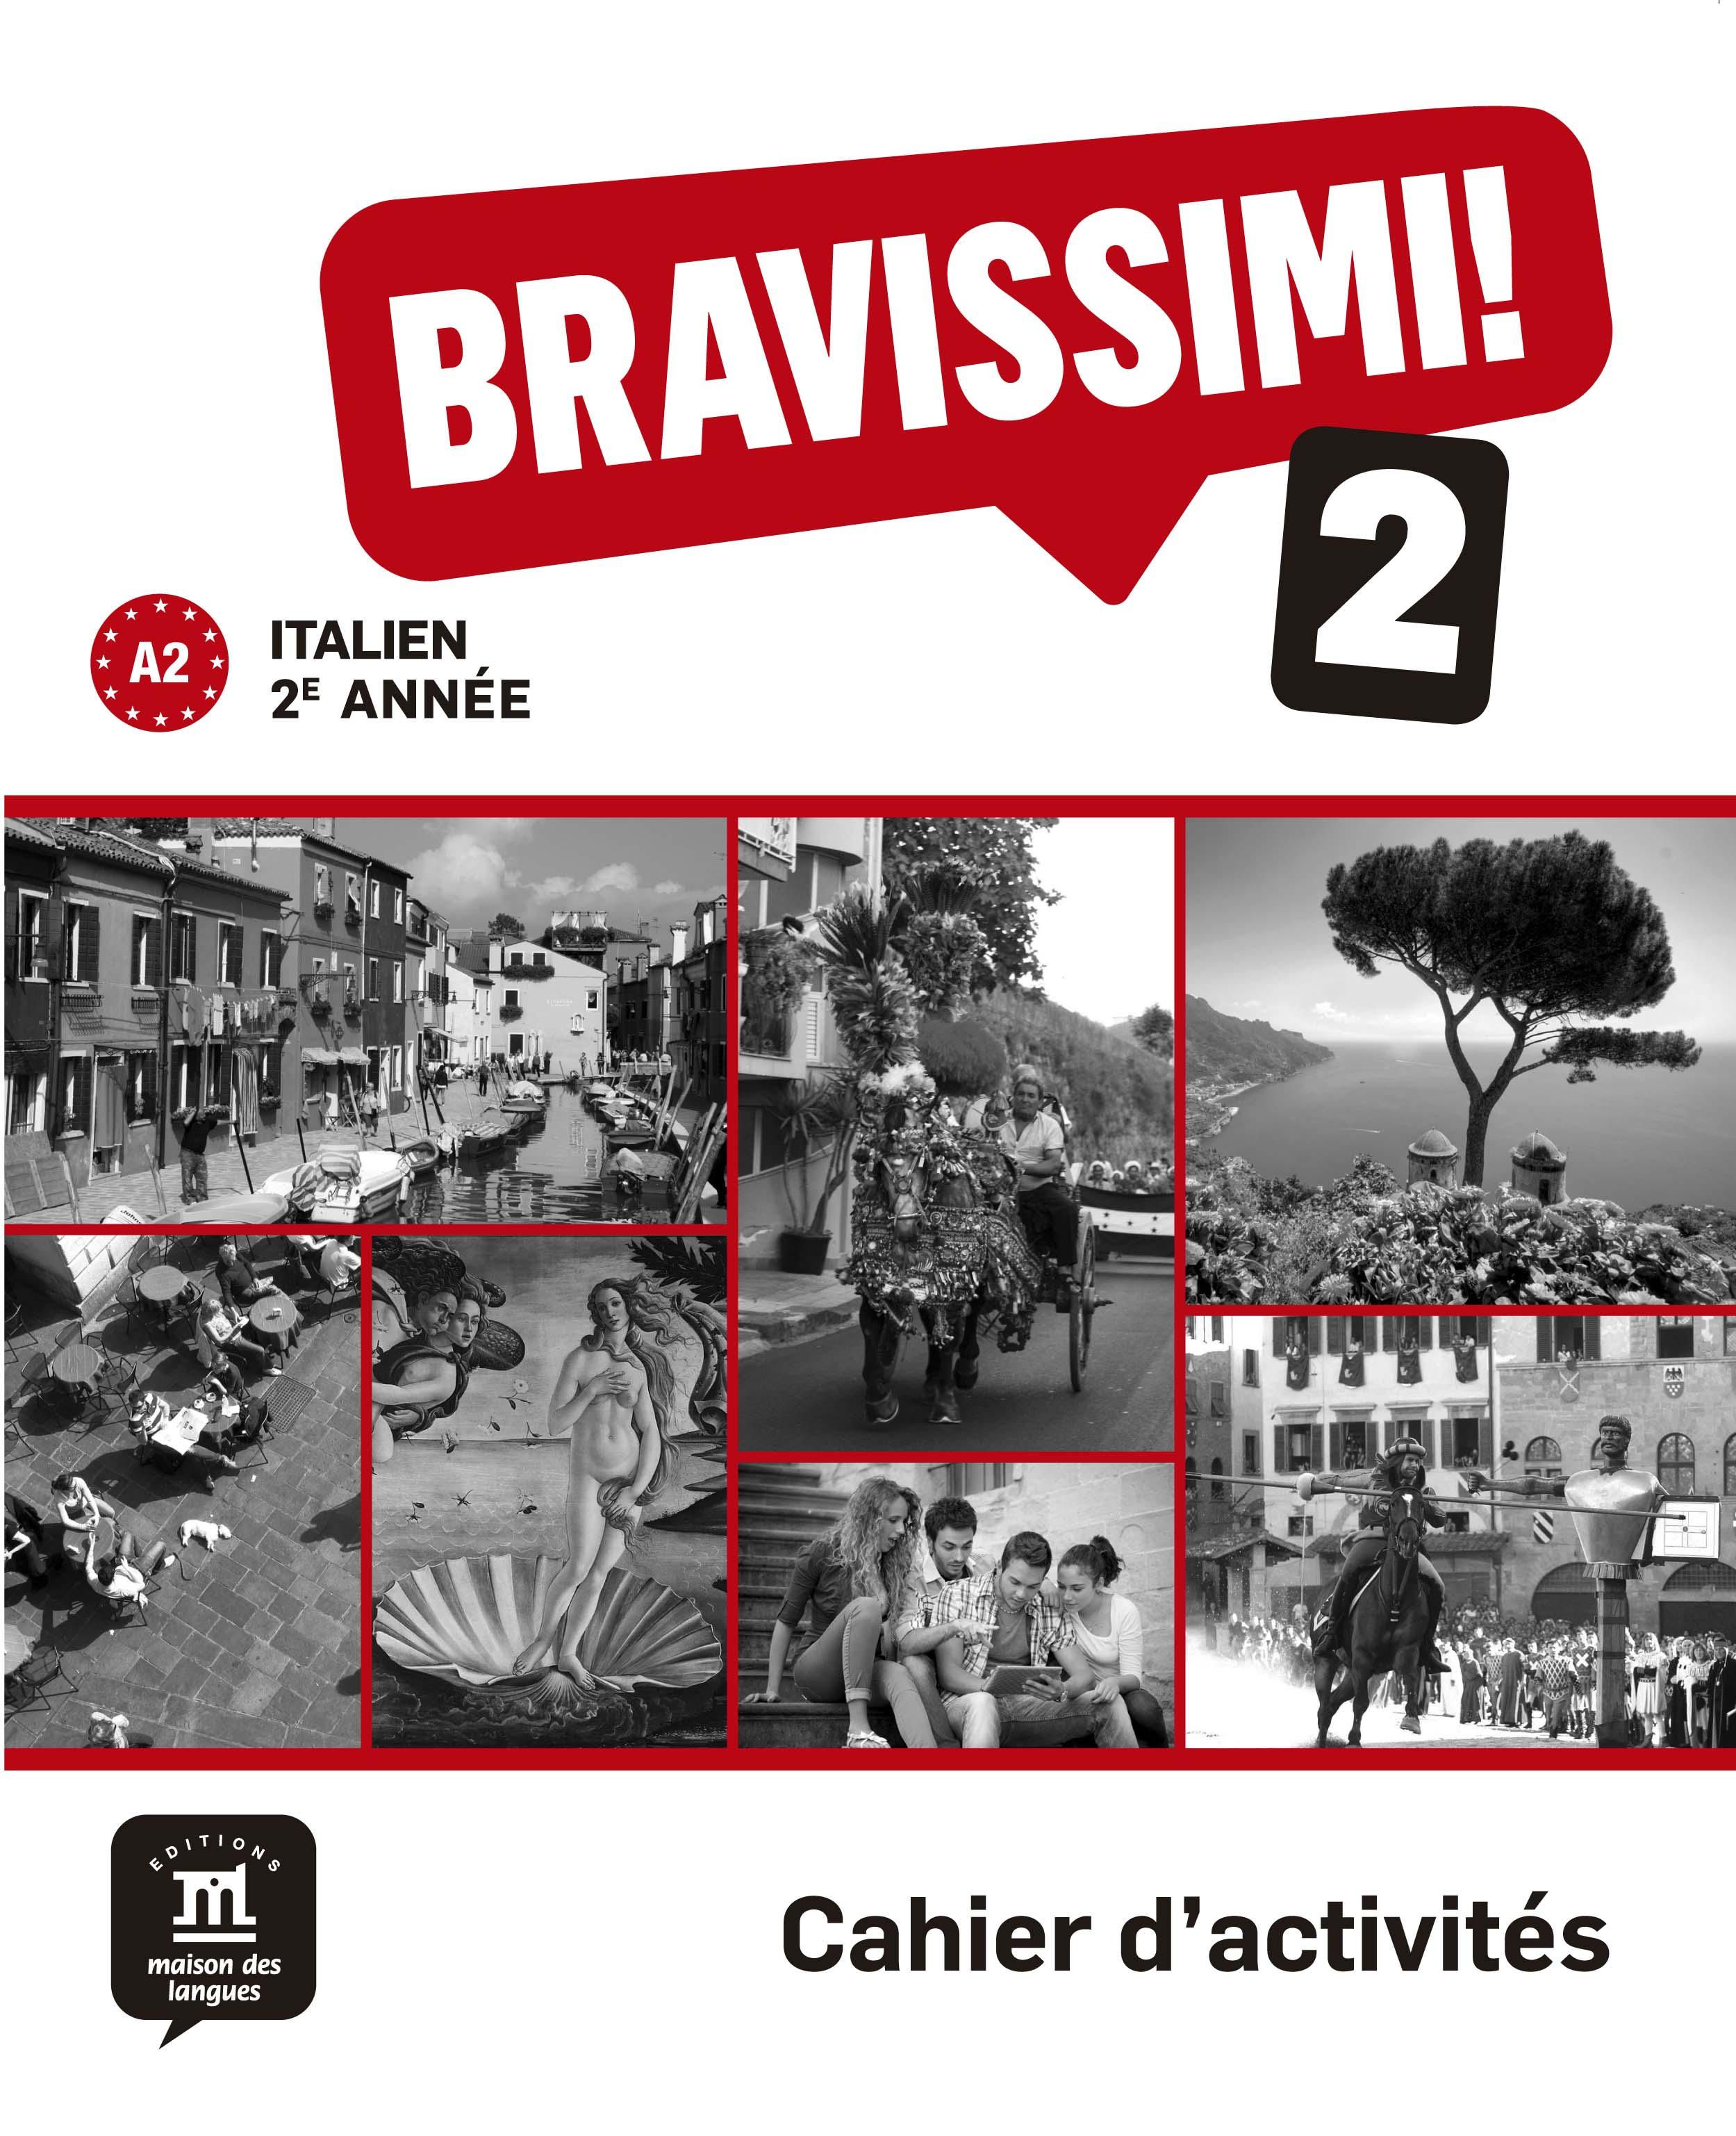 Bravissimi! 2e année - Cahier d'activités